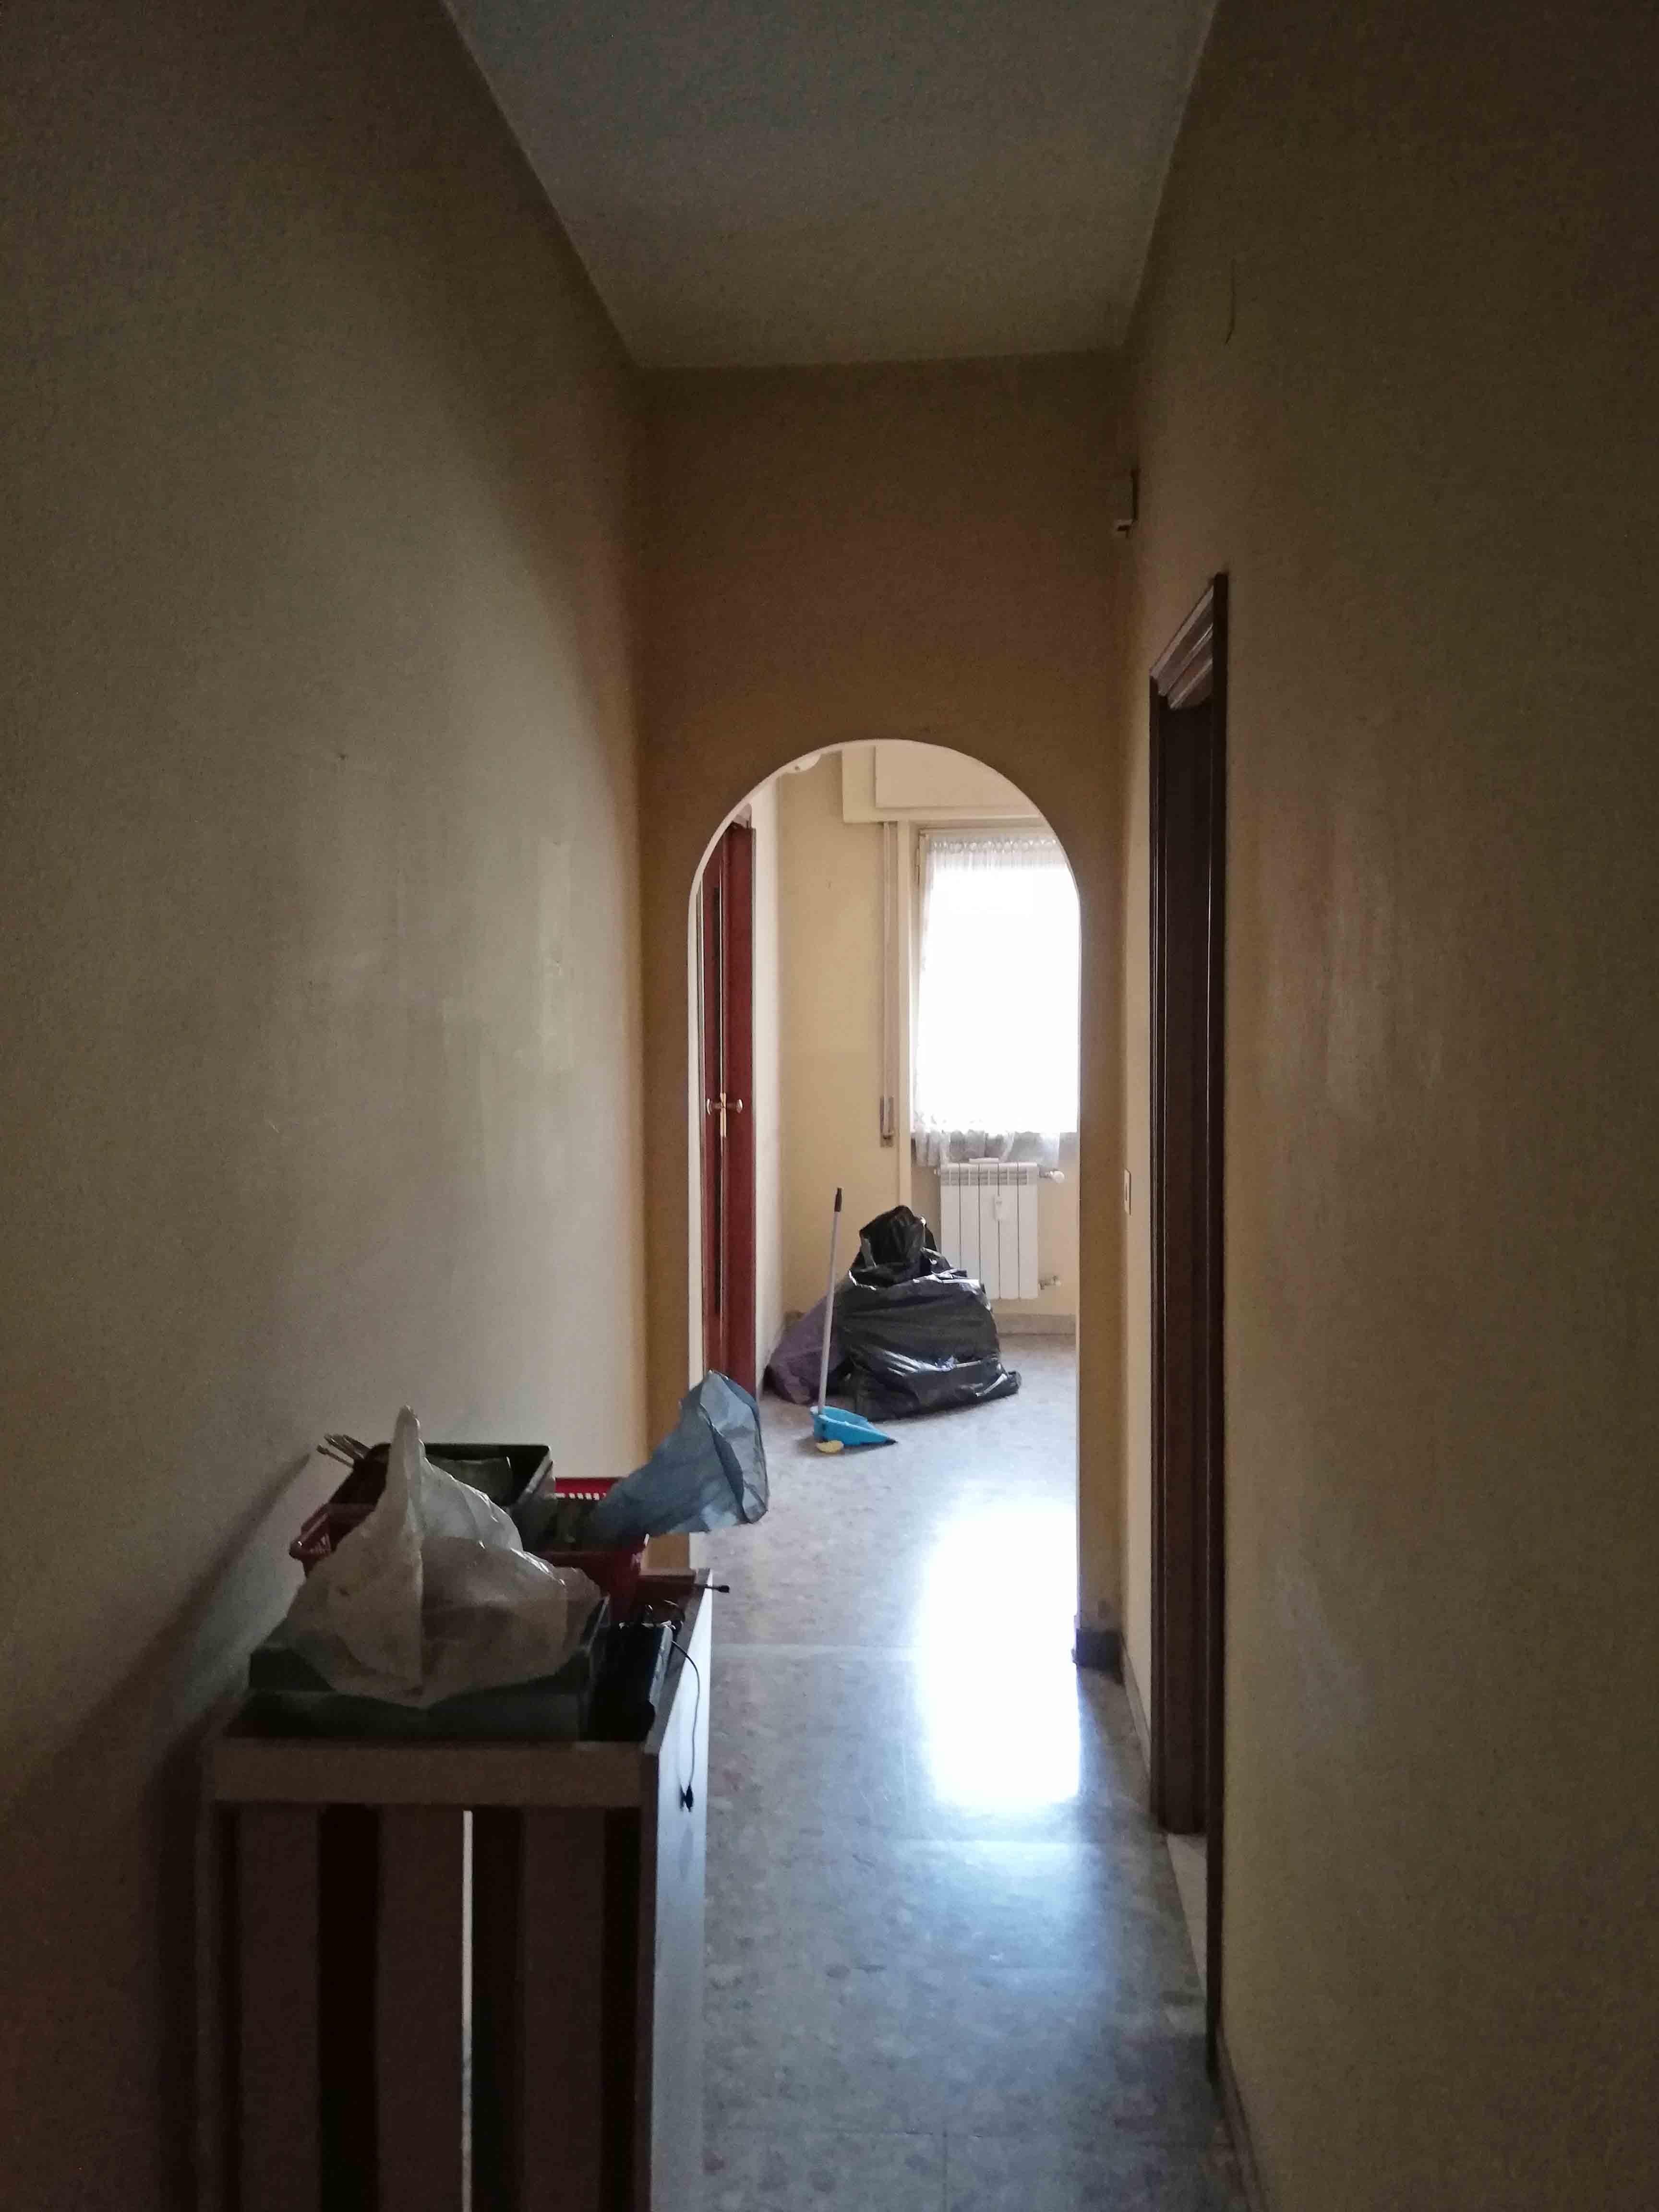 Controcampo Corridoio Penguin House Prima dei lavori di Restauro e Interior Design